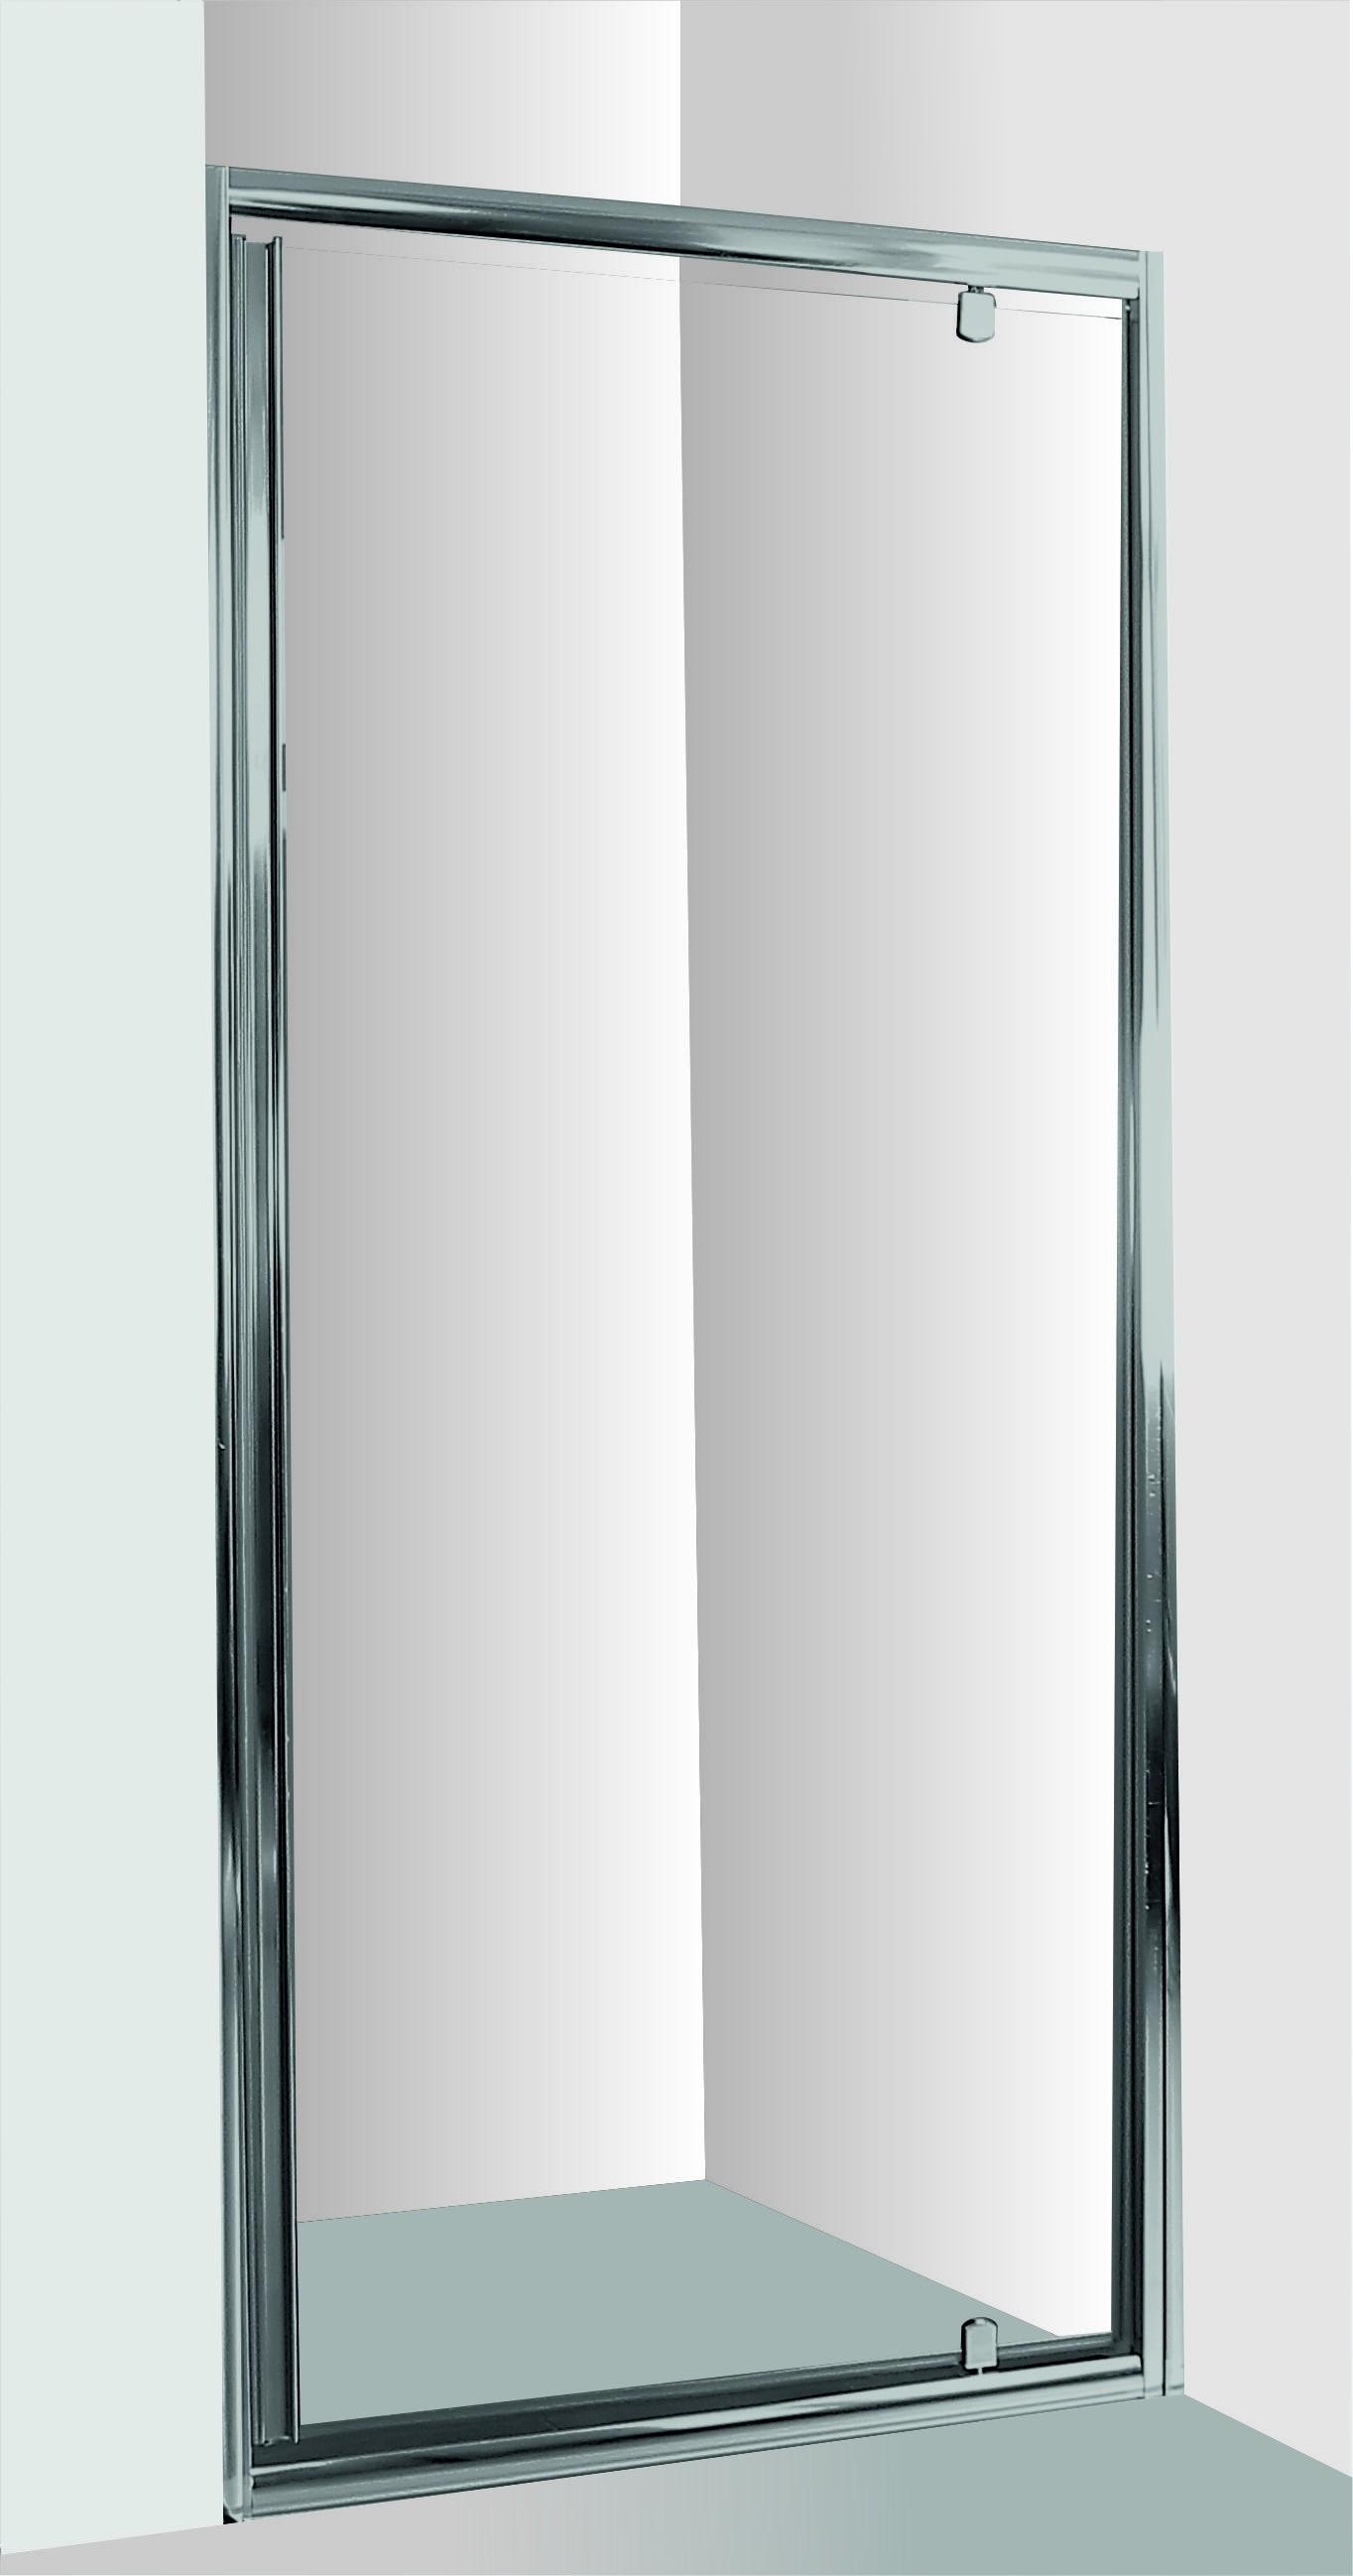 HOPA - Sprchové dvere do niky SMART - alarm - Farba rámu zásteny - Hliník chróm, Rozmer A - 90 cm, Smer zatváranie - Univerzálny Ľavé / Pravé, Výplň - Číre bezpečnostné sklo - 6 mm OLBALA90CCBV